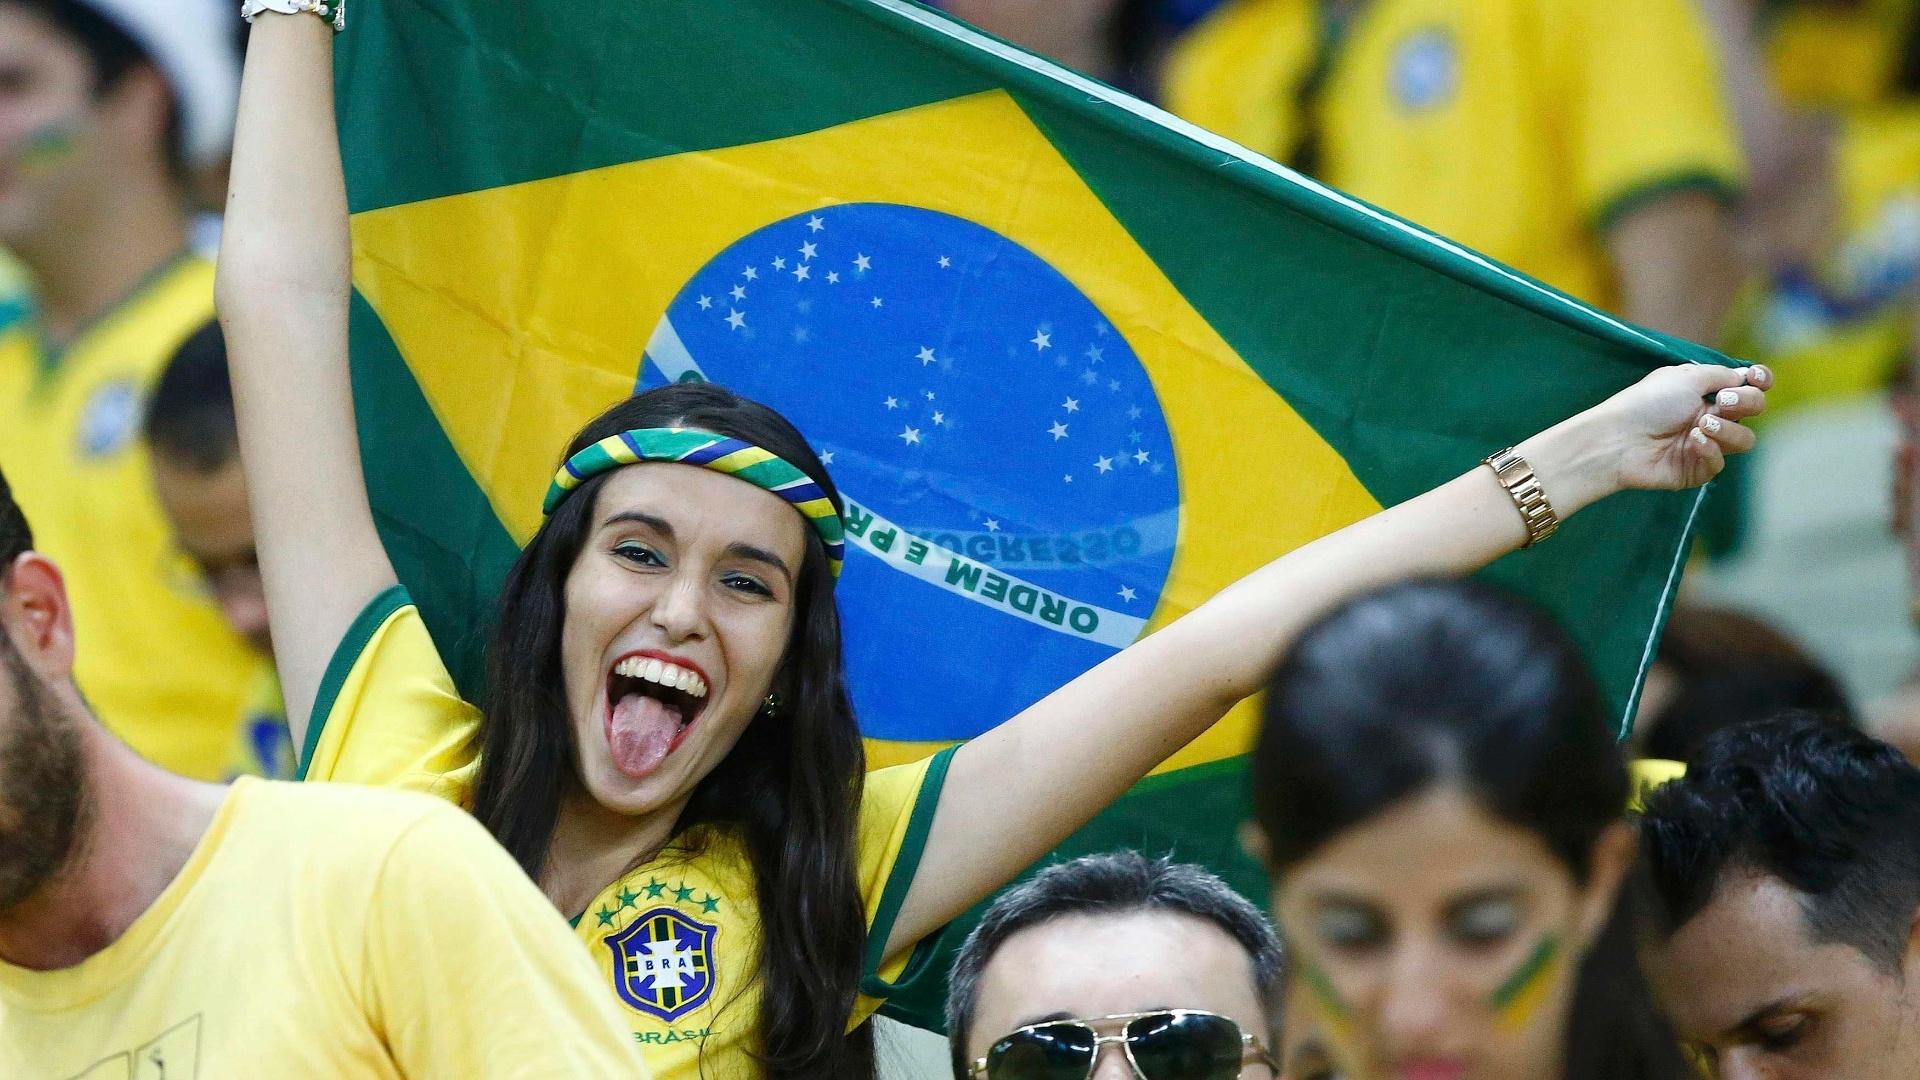 Torcedora no Castelão comemora classificação do Brasil às semifinais após vitória sobre a Colômbia